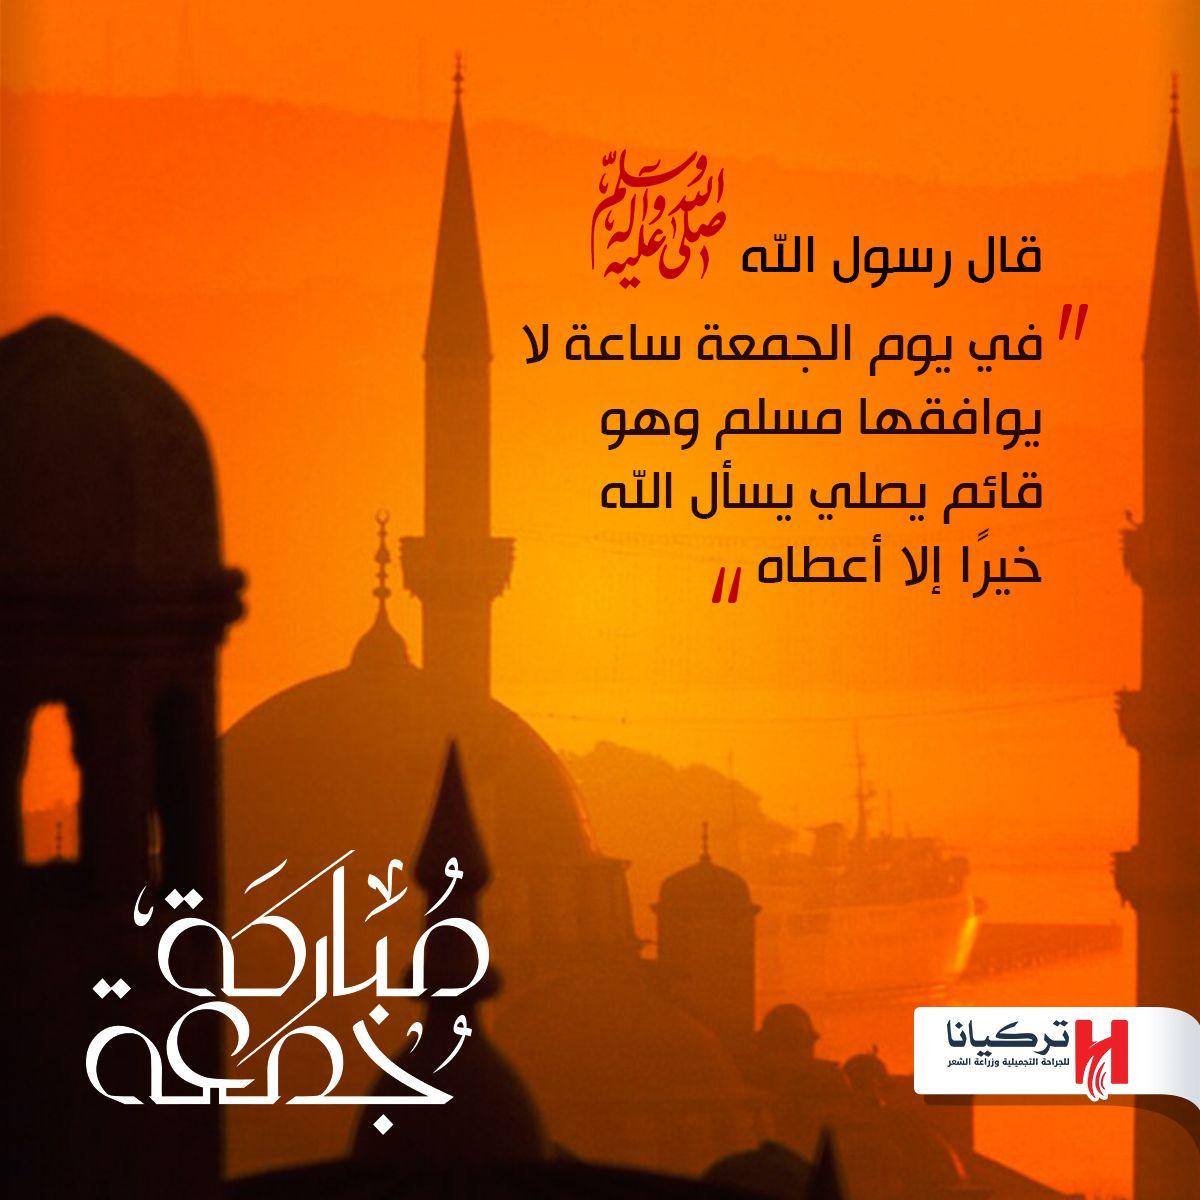 جمعة مباركة بكل خير متابعينا تركيا تركيانا جمعة مباركة يوم الجمعة يوم سعيد Blessed Frid Kingdom Of Great Britain Libya United Arab Emirates